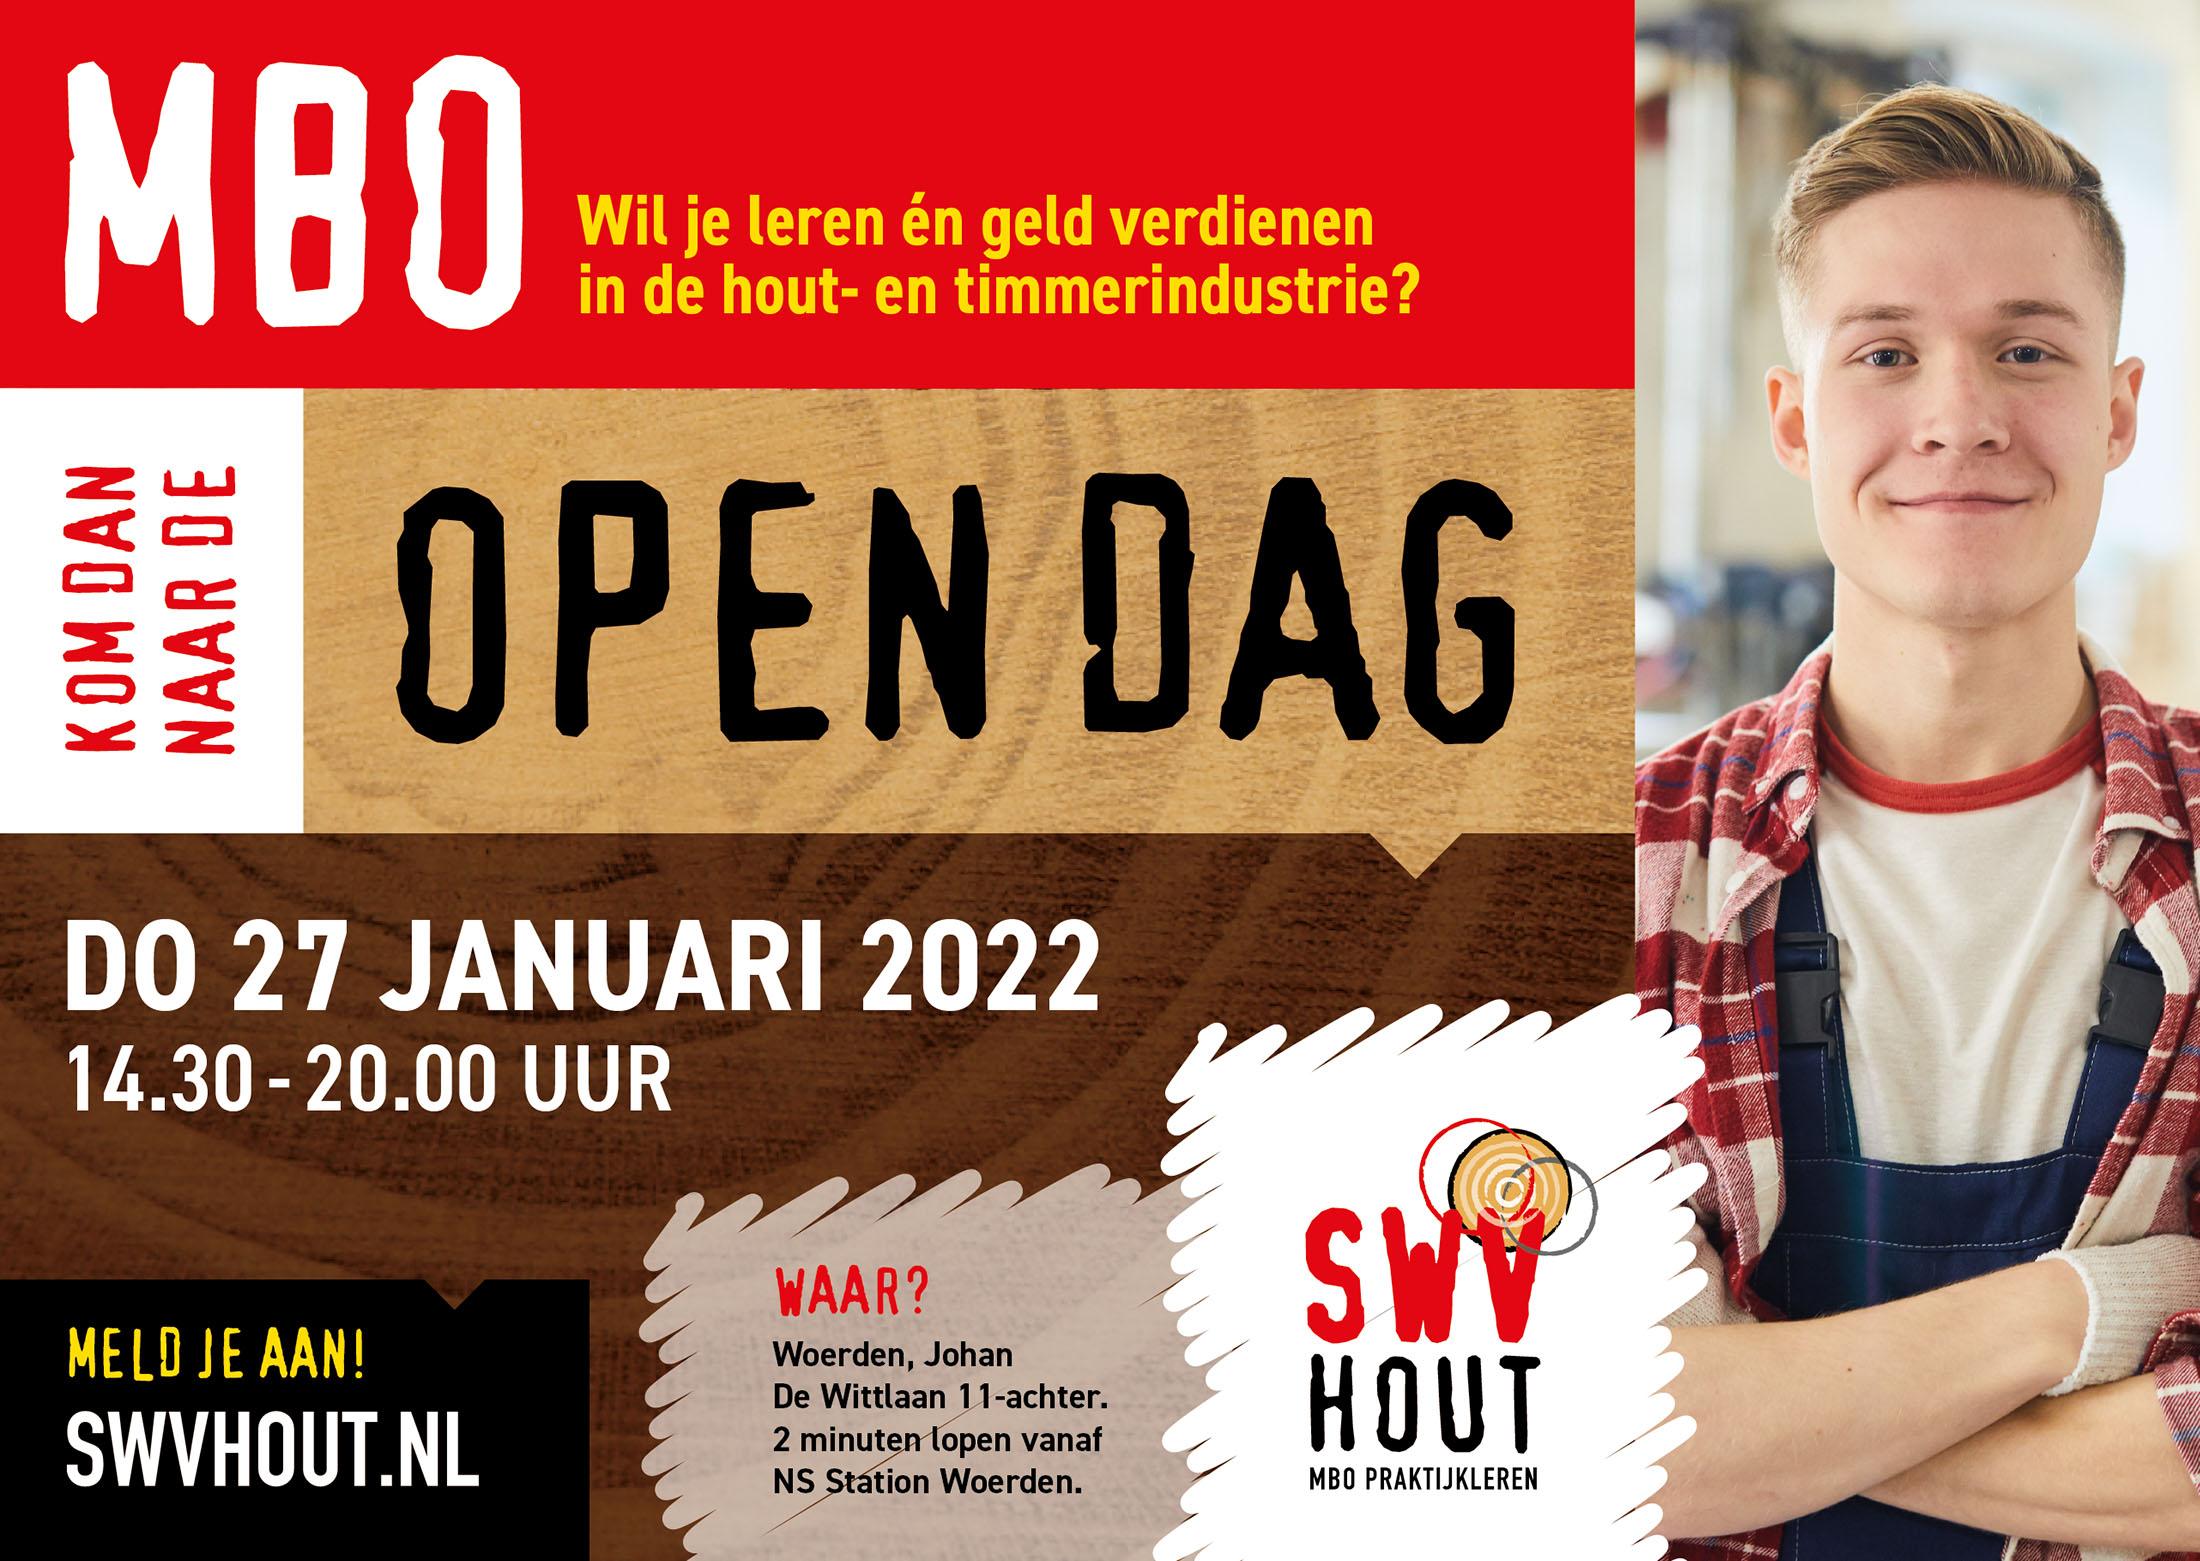 SWV Hout: open dag 22 januari 2022